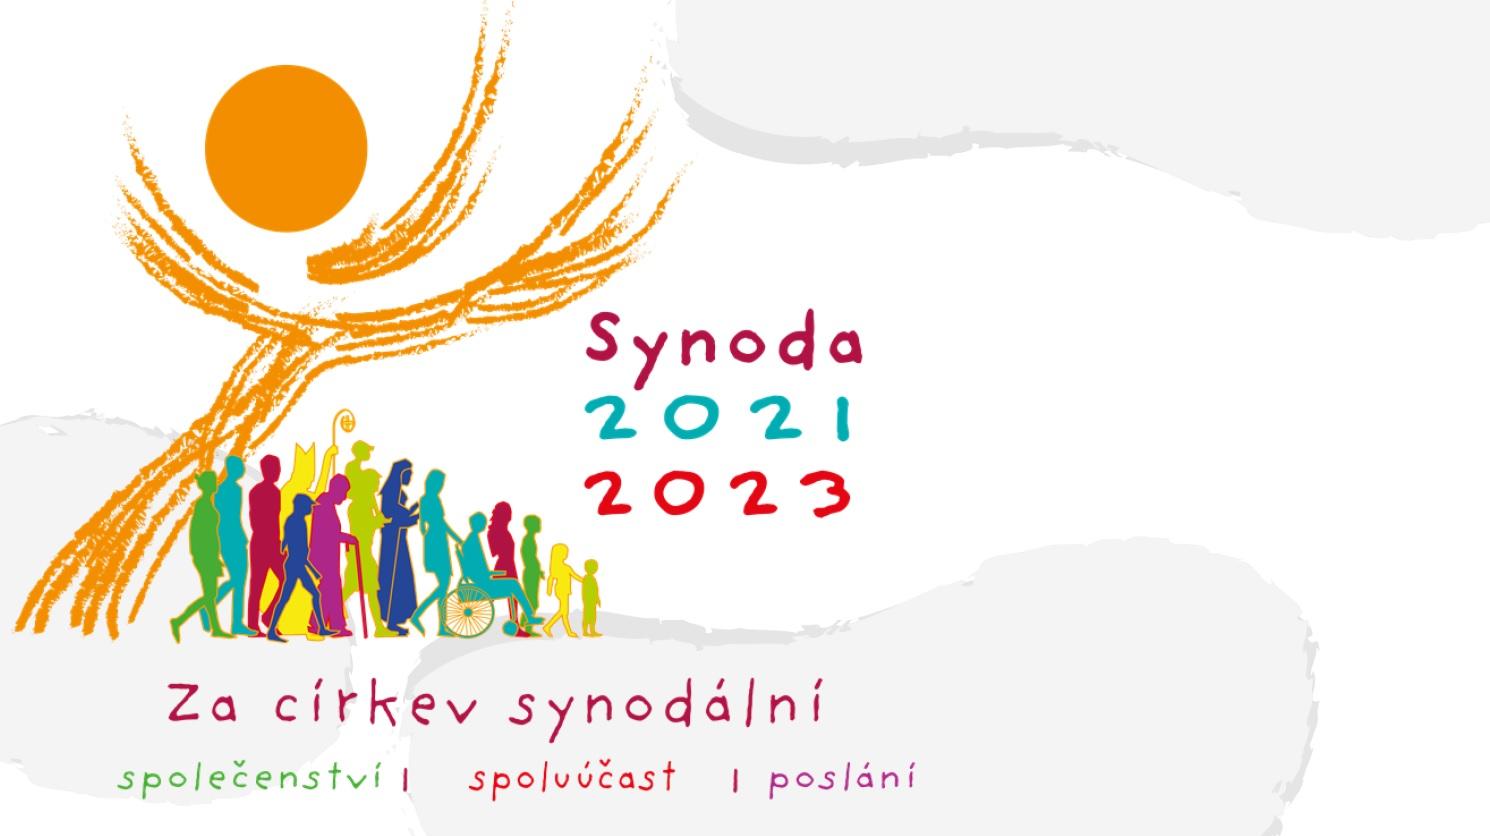 Synoda o synodalitě